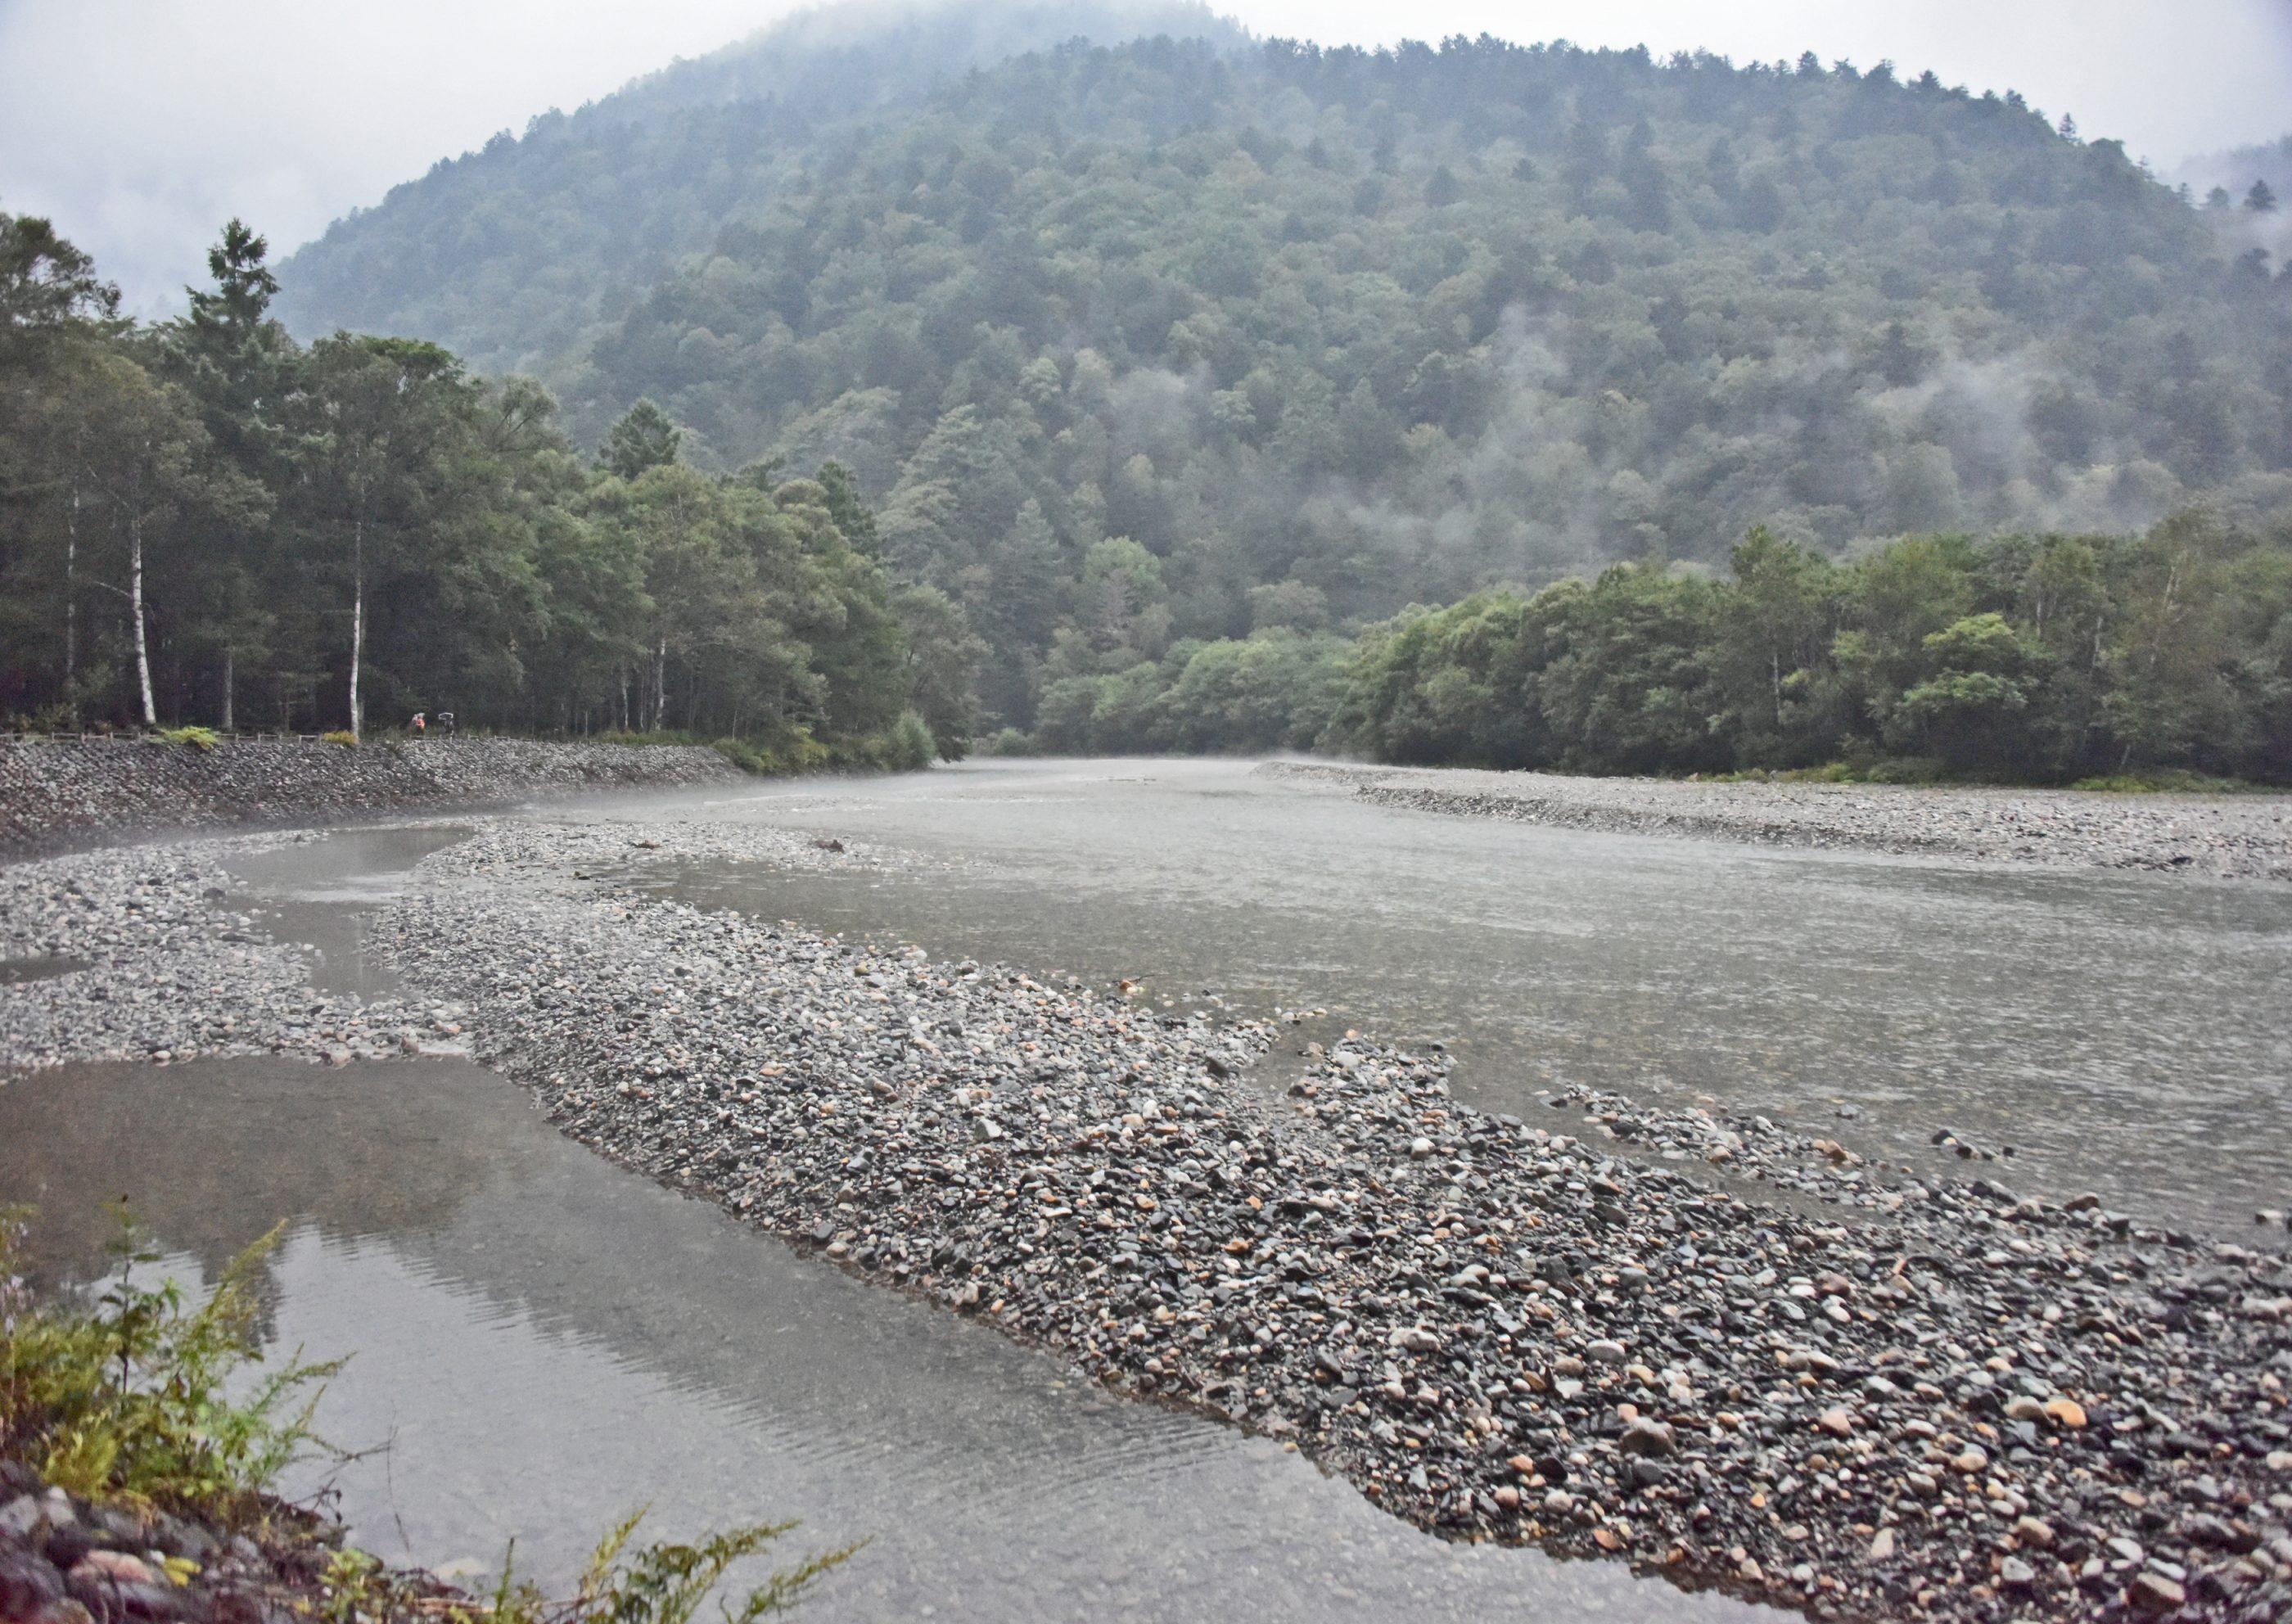 ⇑ 雨がふる前の梓川は綺麗な水。翌日は濁流だった。